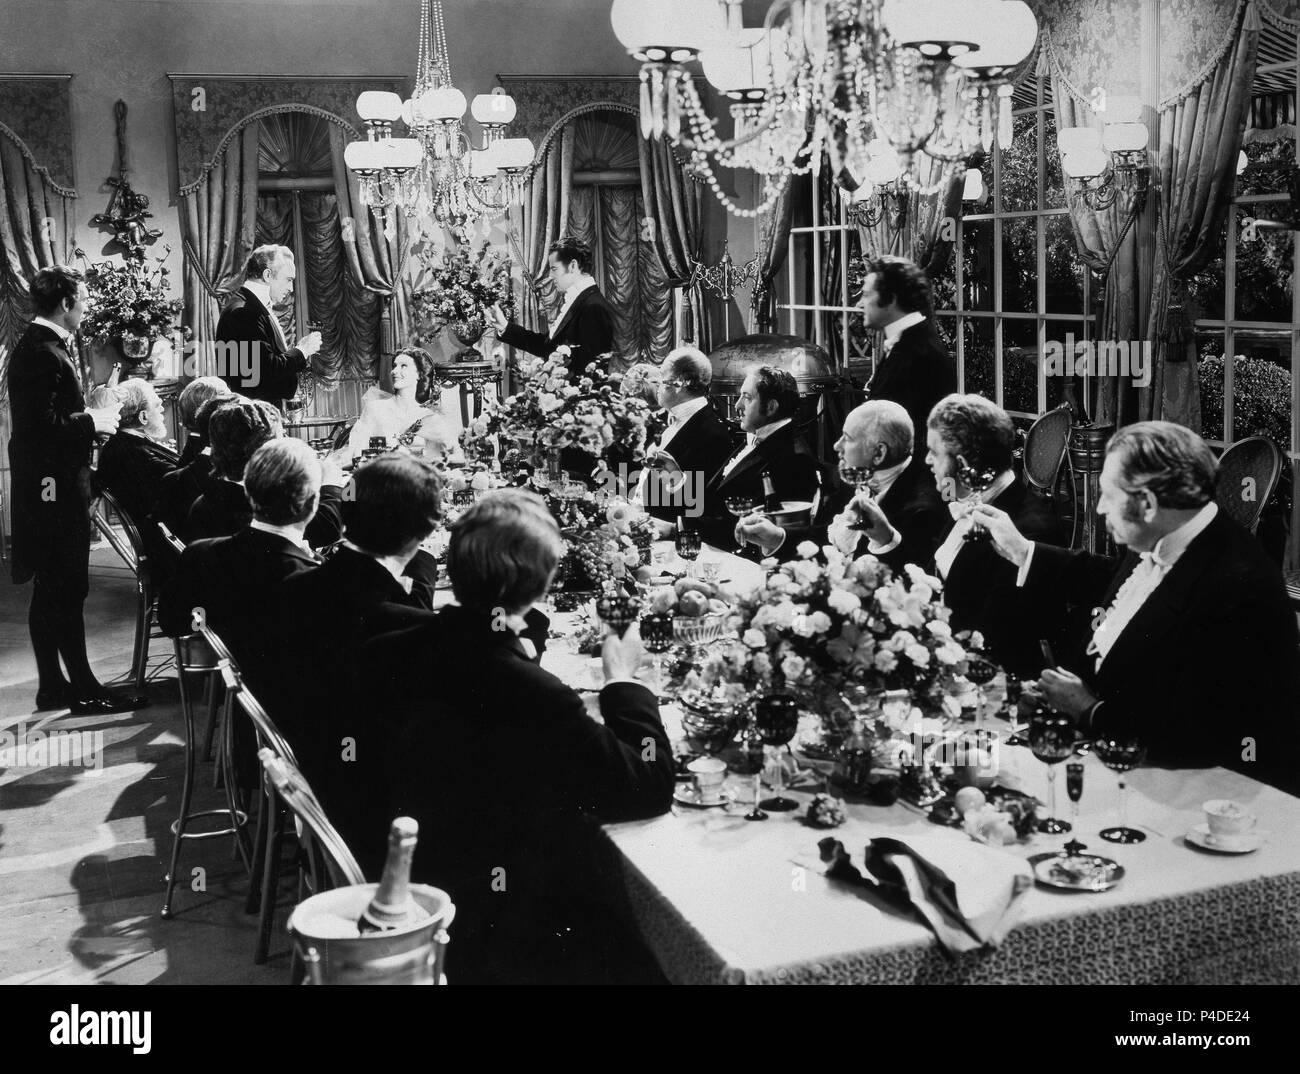 ESCENA DE LA PELICULA 'LOS HOMBRES QUE LA AMARON' - 1941. Author: RATOFF, GREGORY. - Stock Image